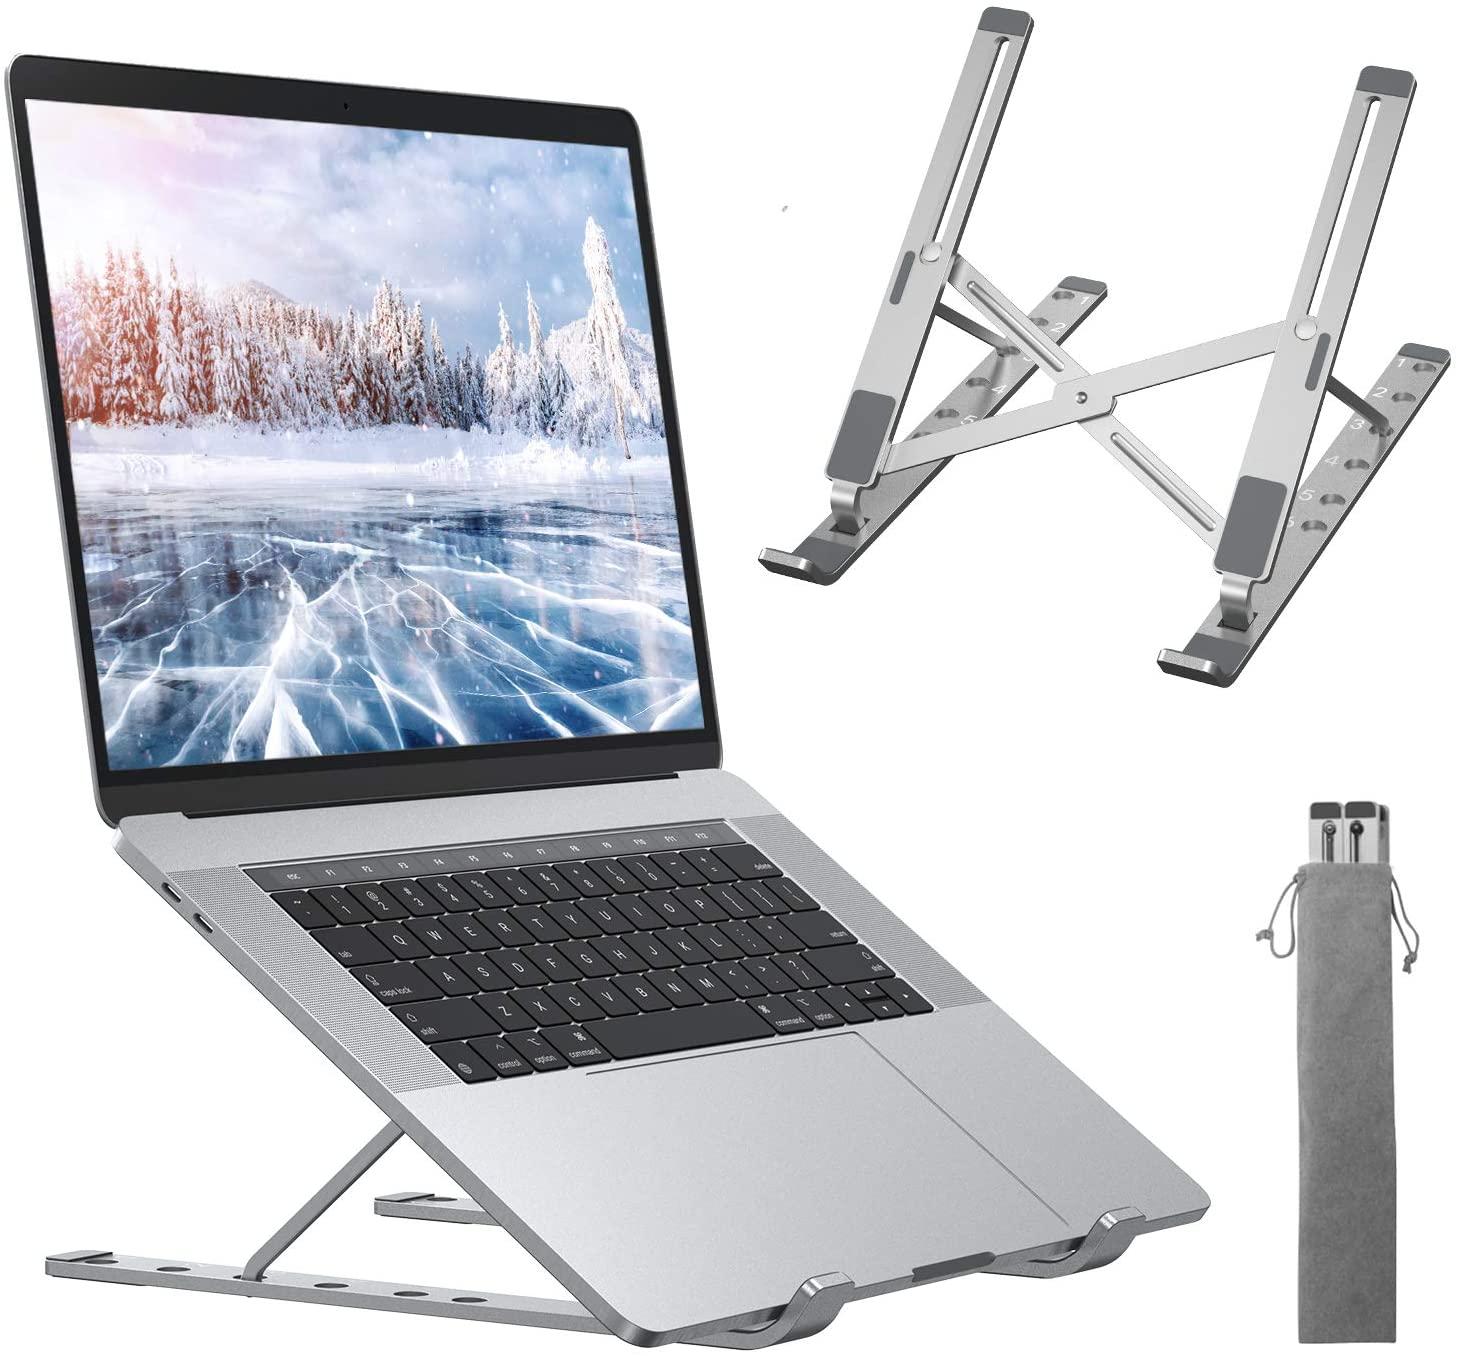 Supporto per pc portatile con 6 livelli di angolazione, regolabile e pieghevole con sistema di raffreddamento